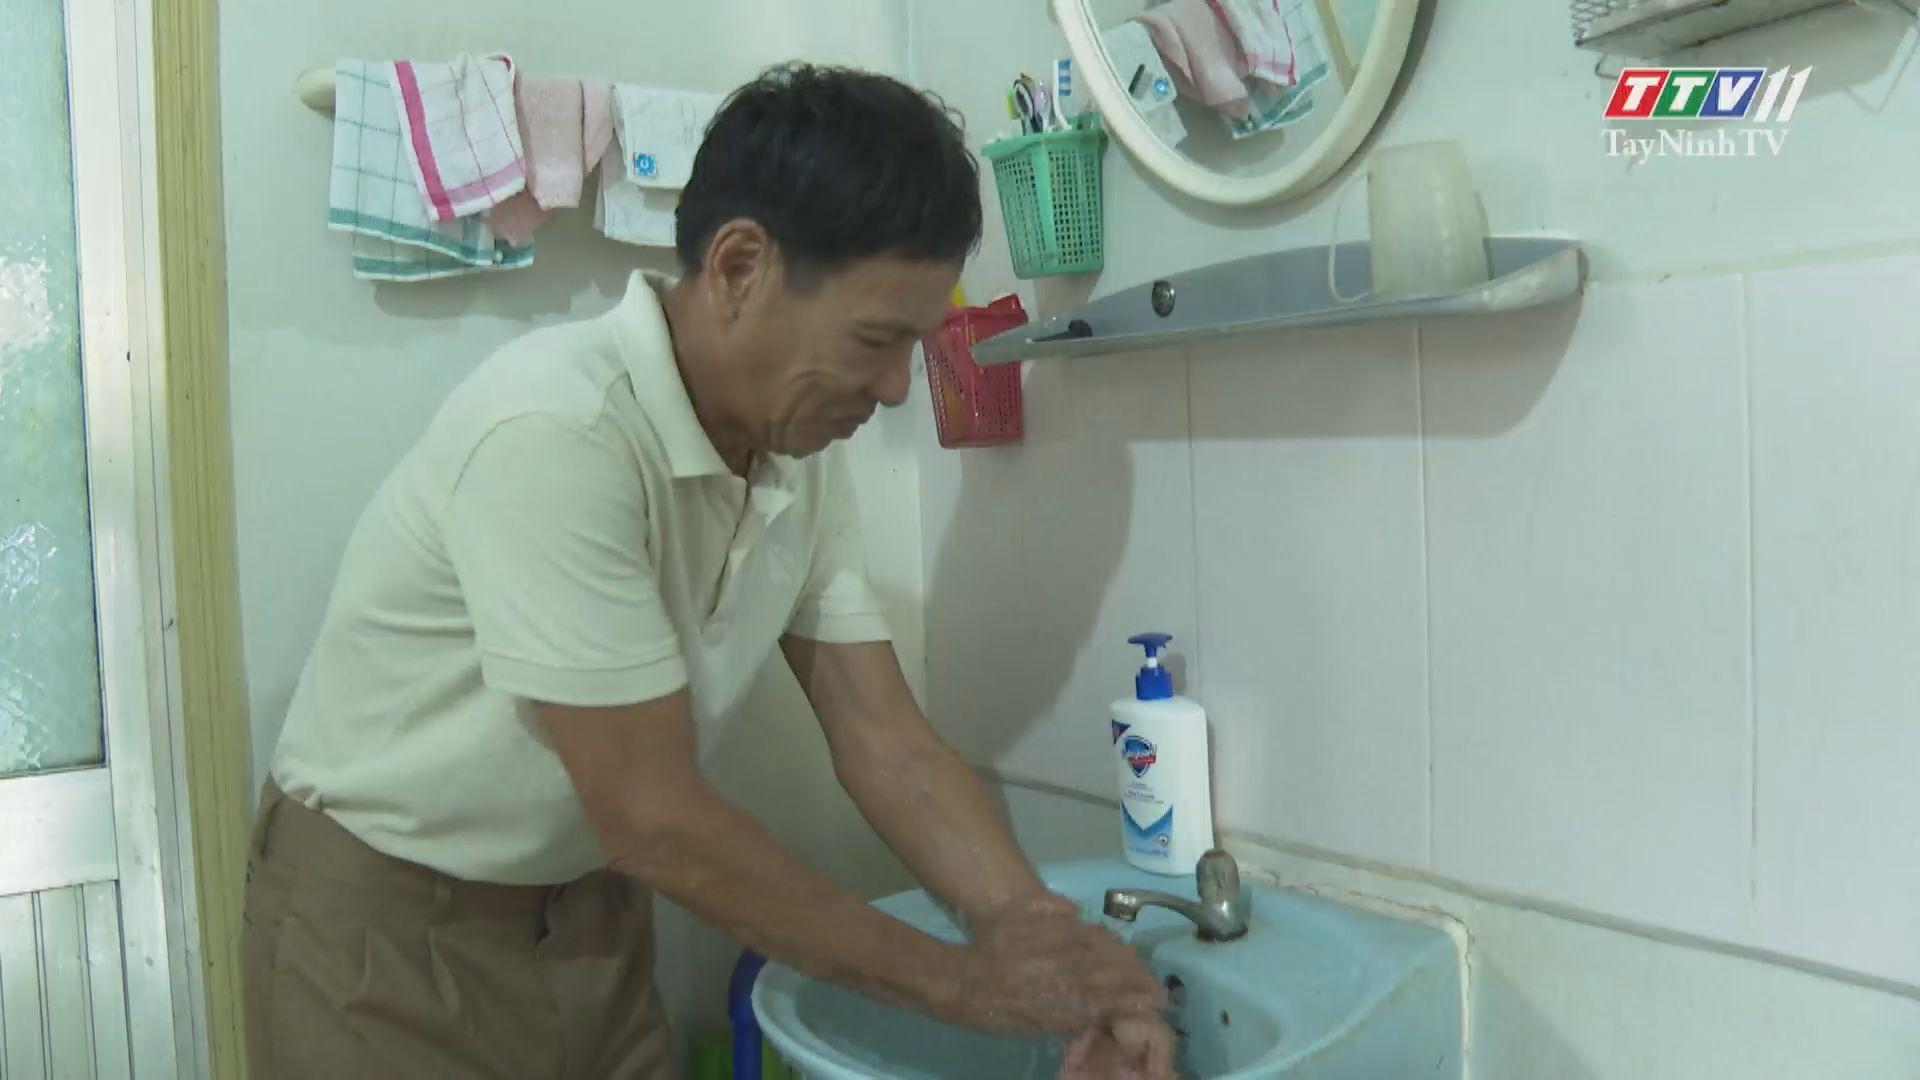 Mỗi gia đình tự giác phòng chống dịch Covid-19 | SỨC KHỎE CHO MỌI NGƯỜI | TayNinhTV